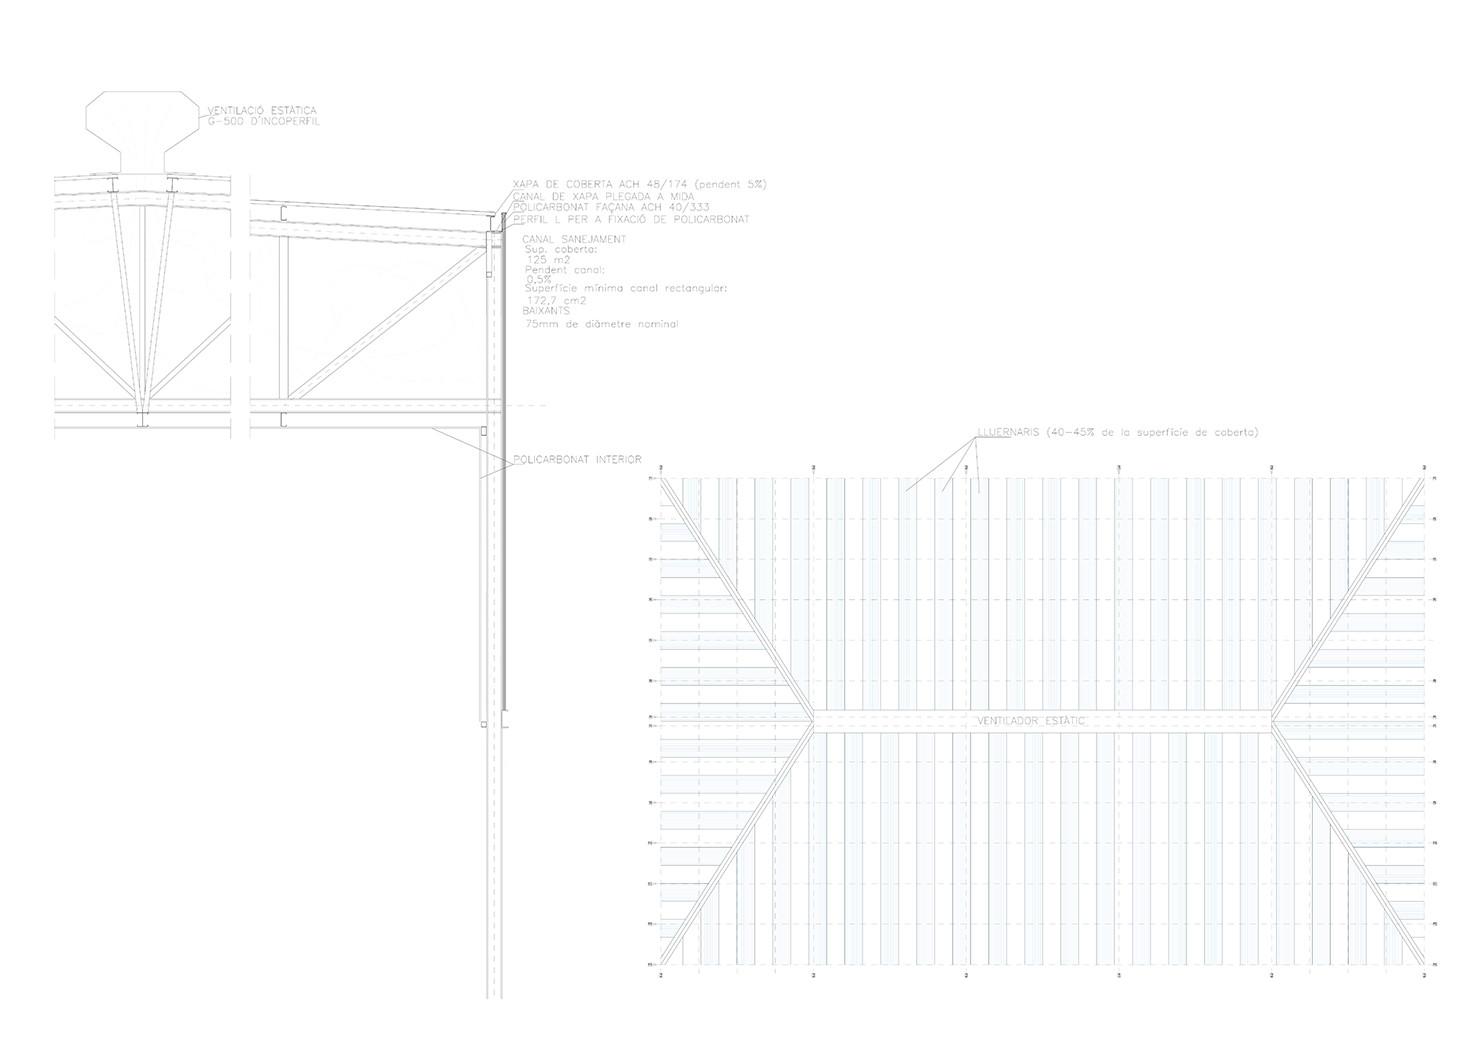 Pavelló detalls constructius